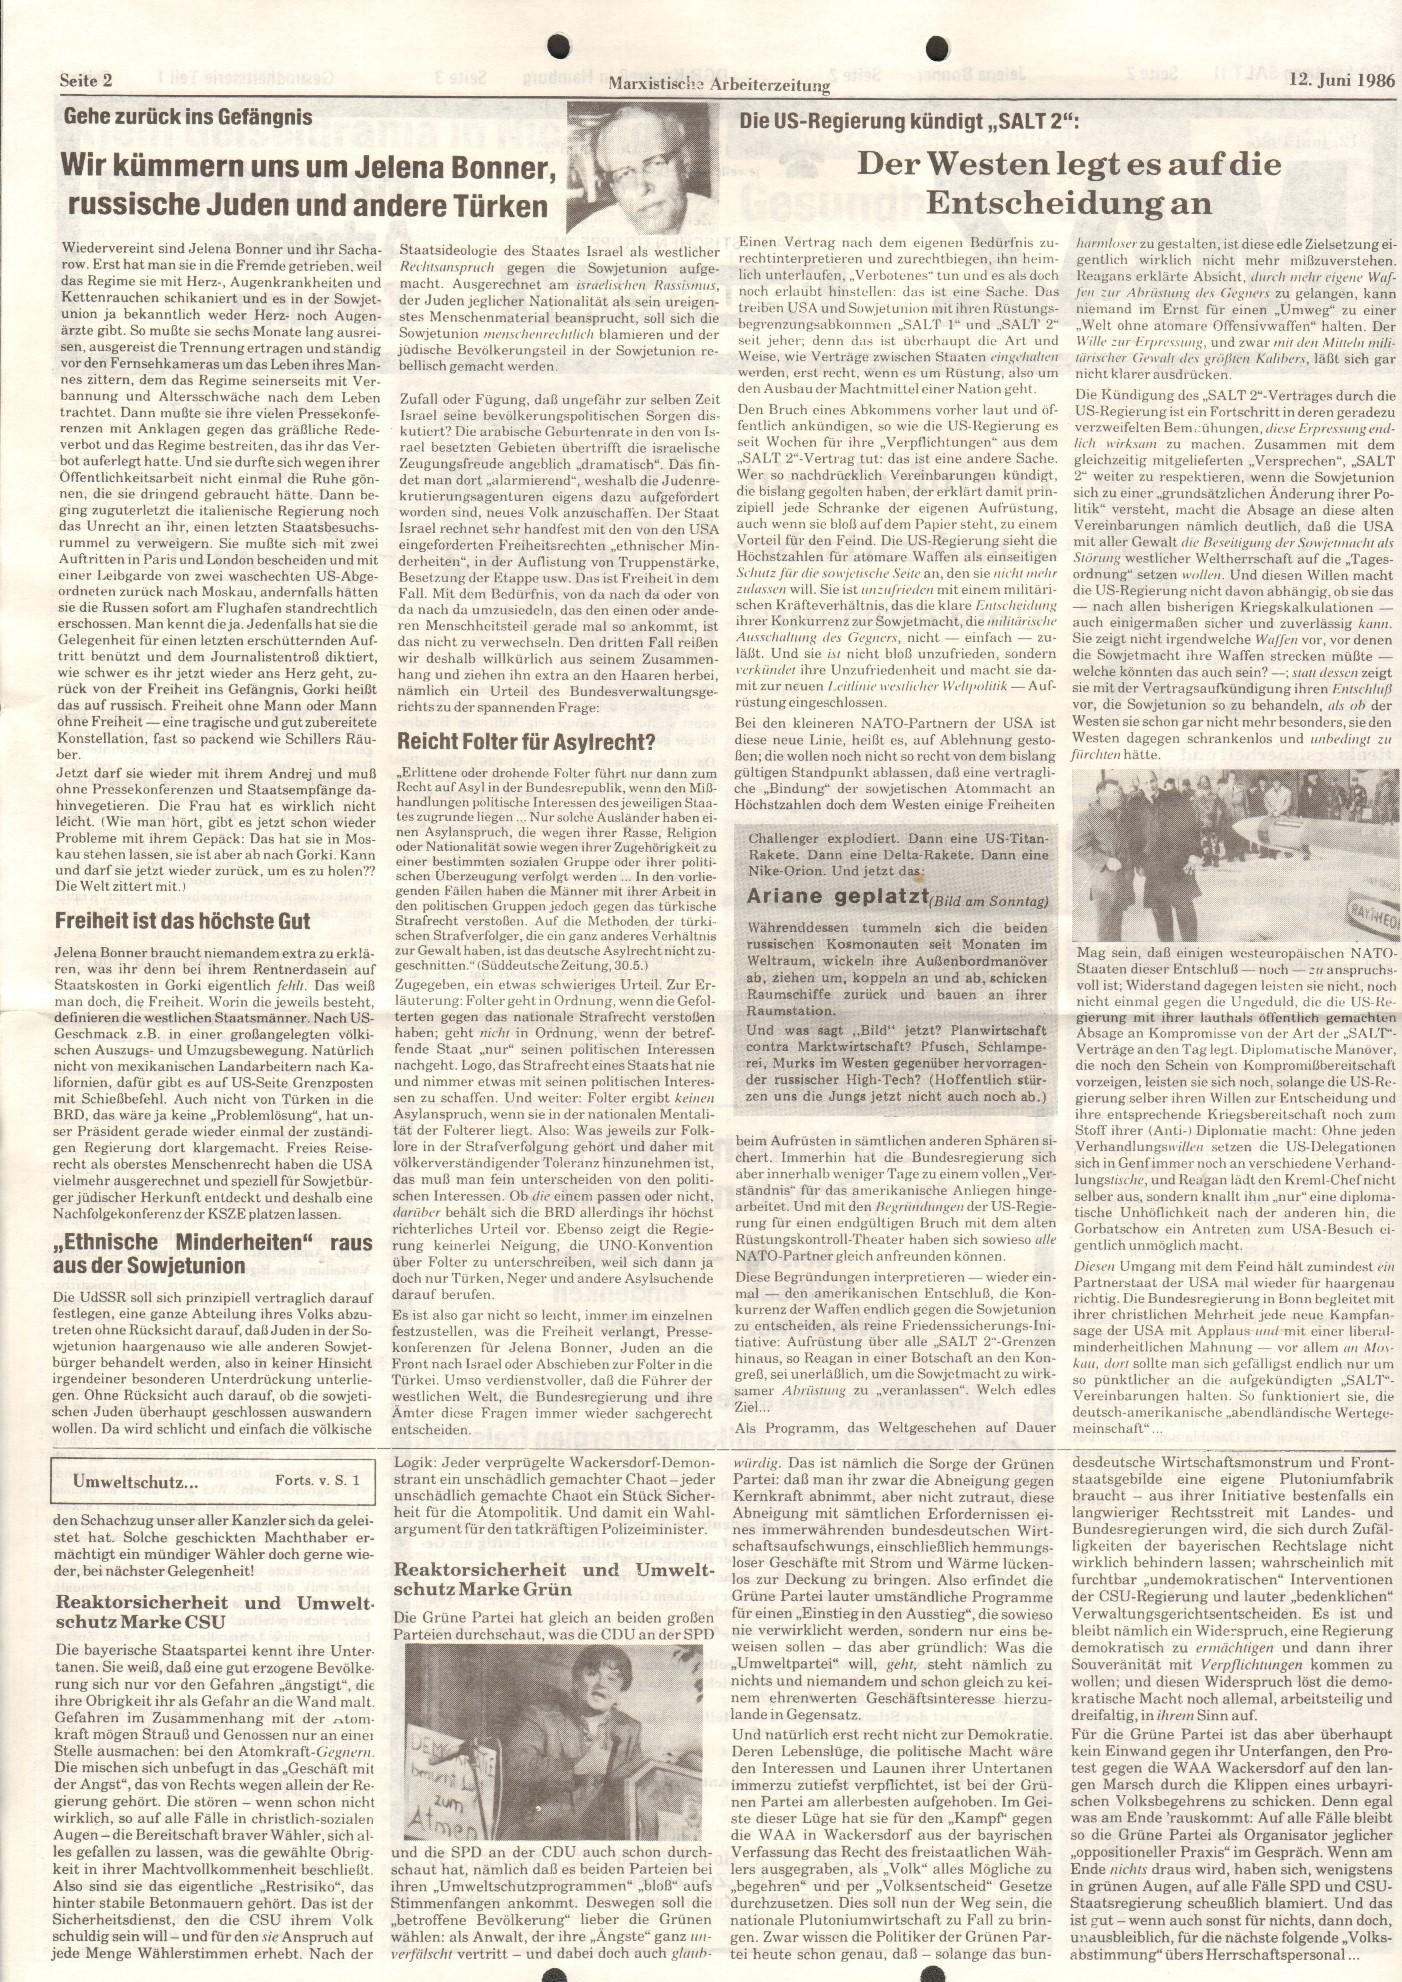 Ruhrgebiet_MG_Marxistische_Arbeiterzeitung_Berufsschule_19860612_02